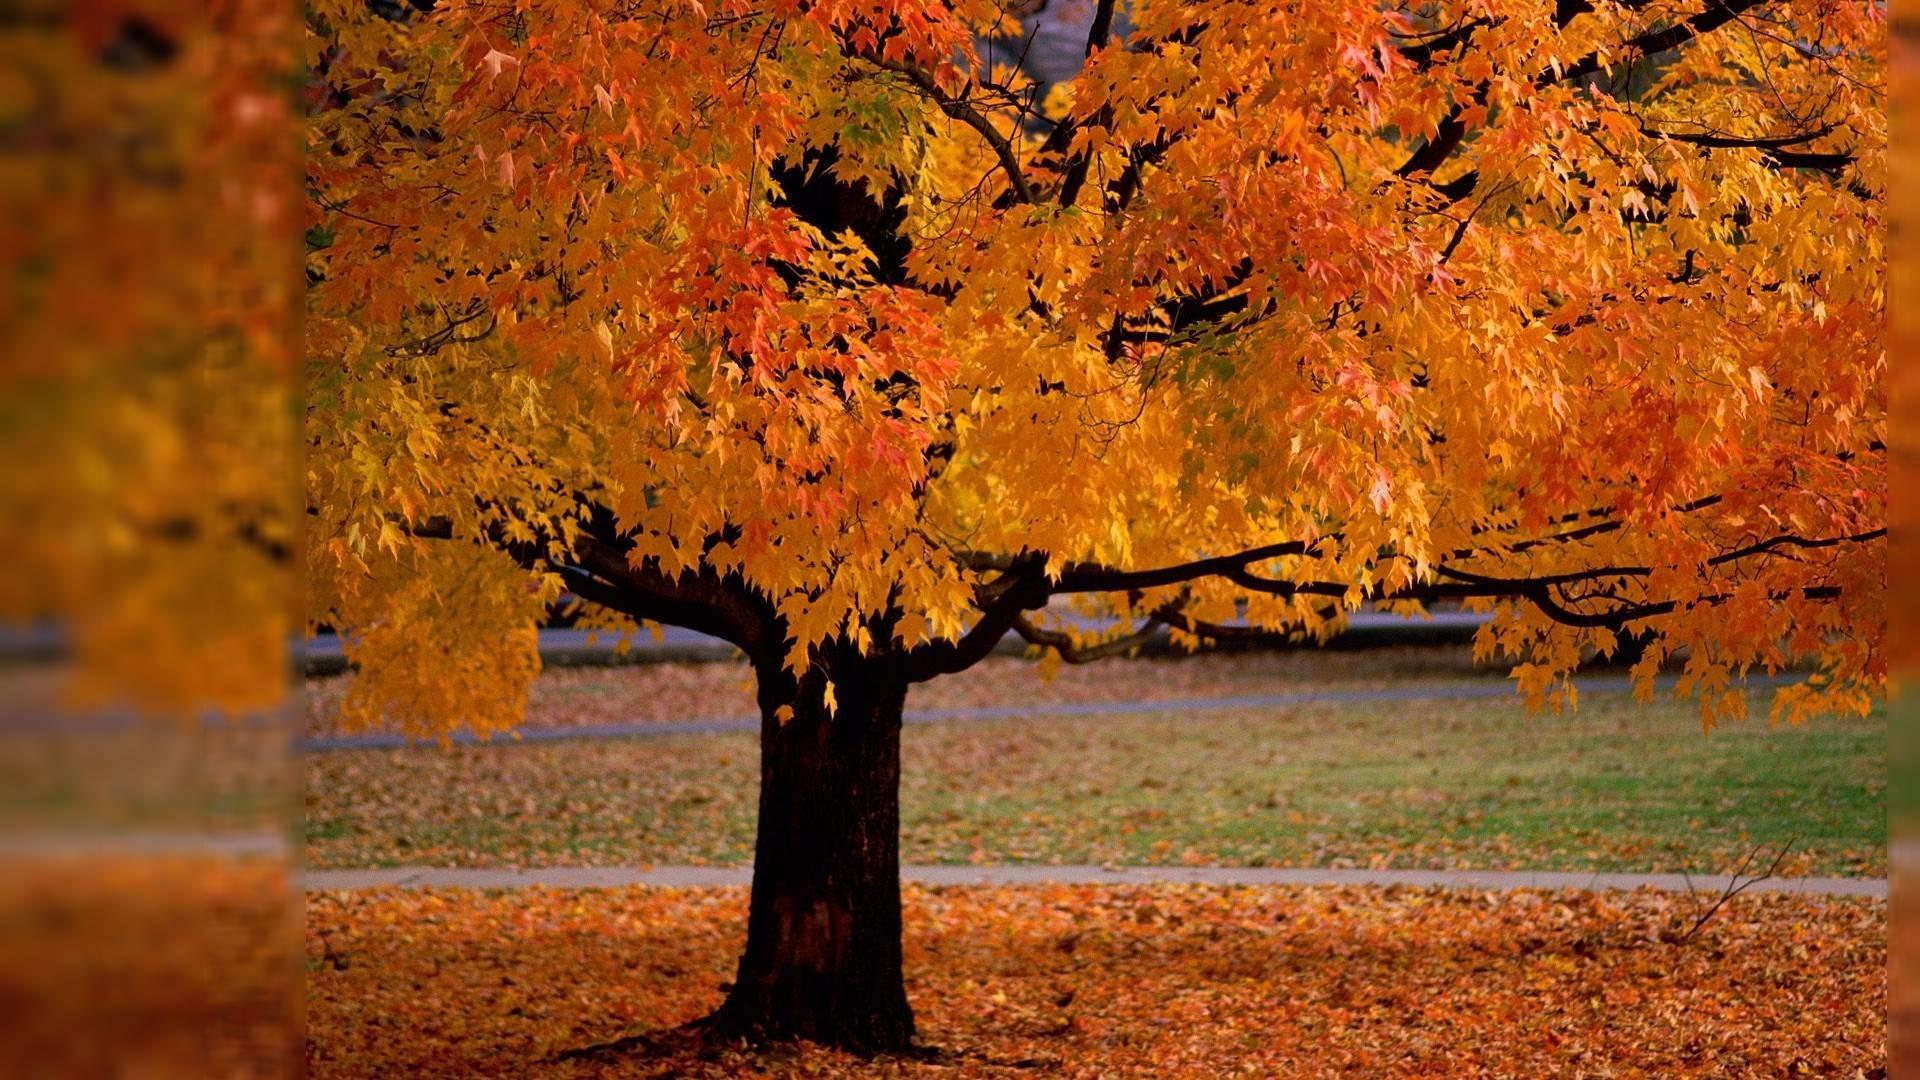 Autumn Desktop Backgrounds Wallpaper 1920x1080PX ~ Wallpaper Fall .